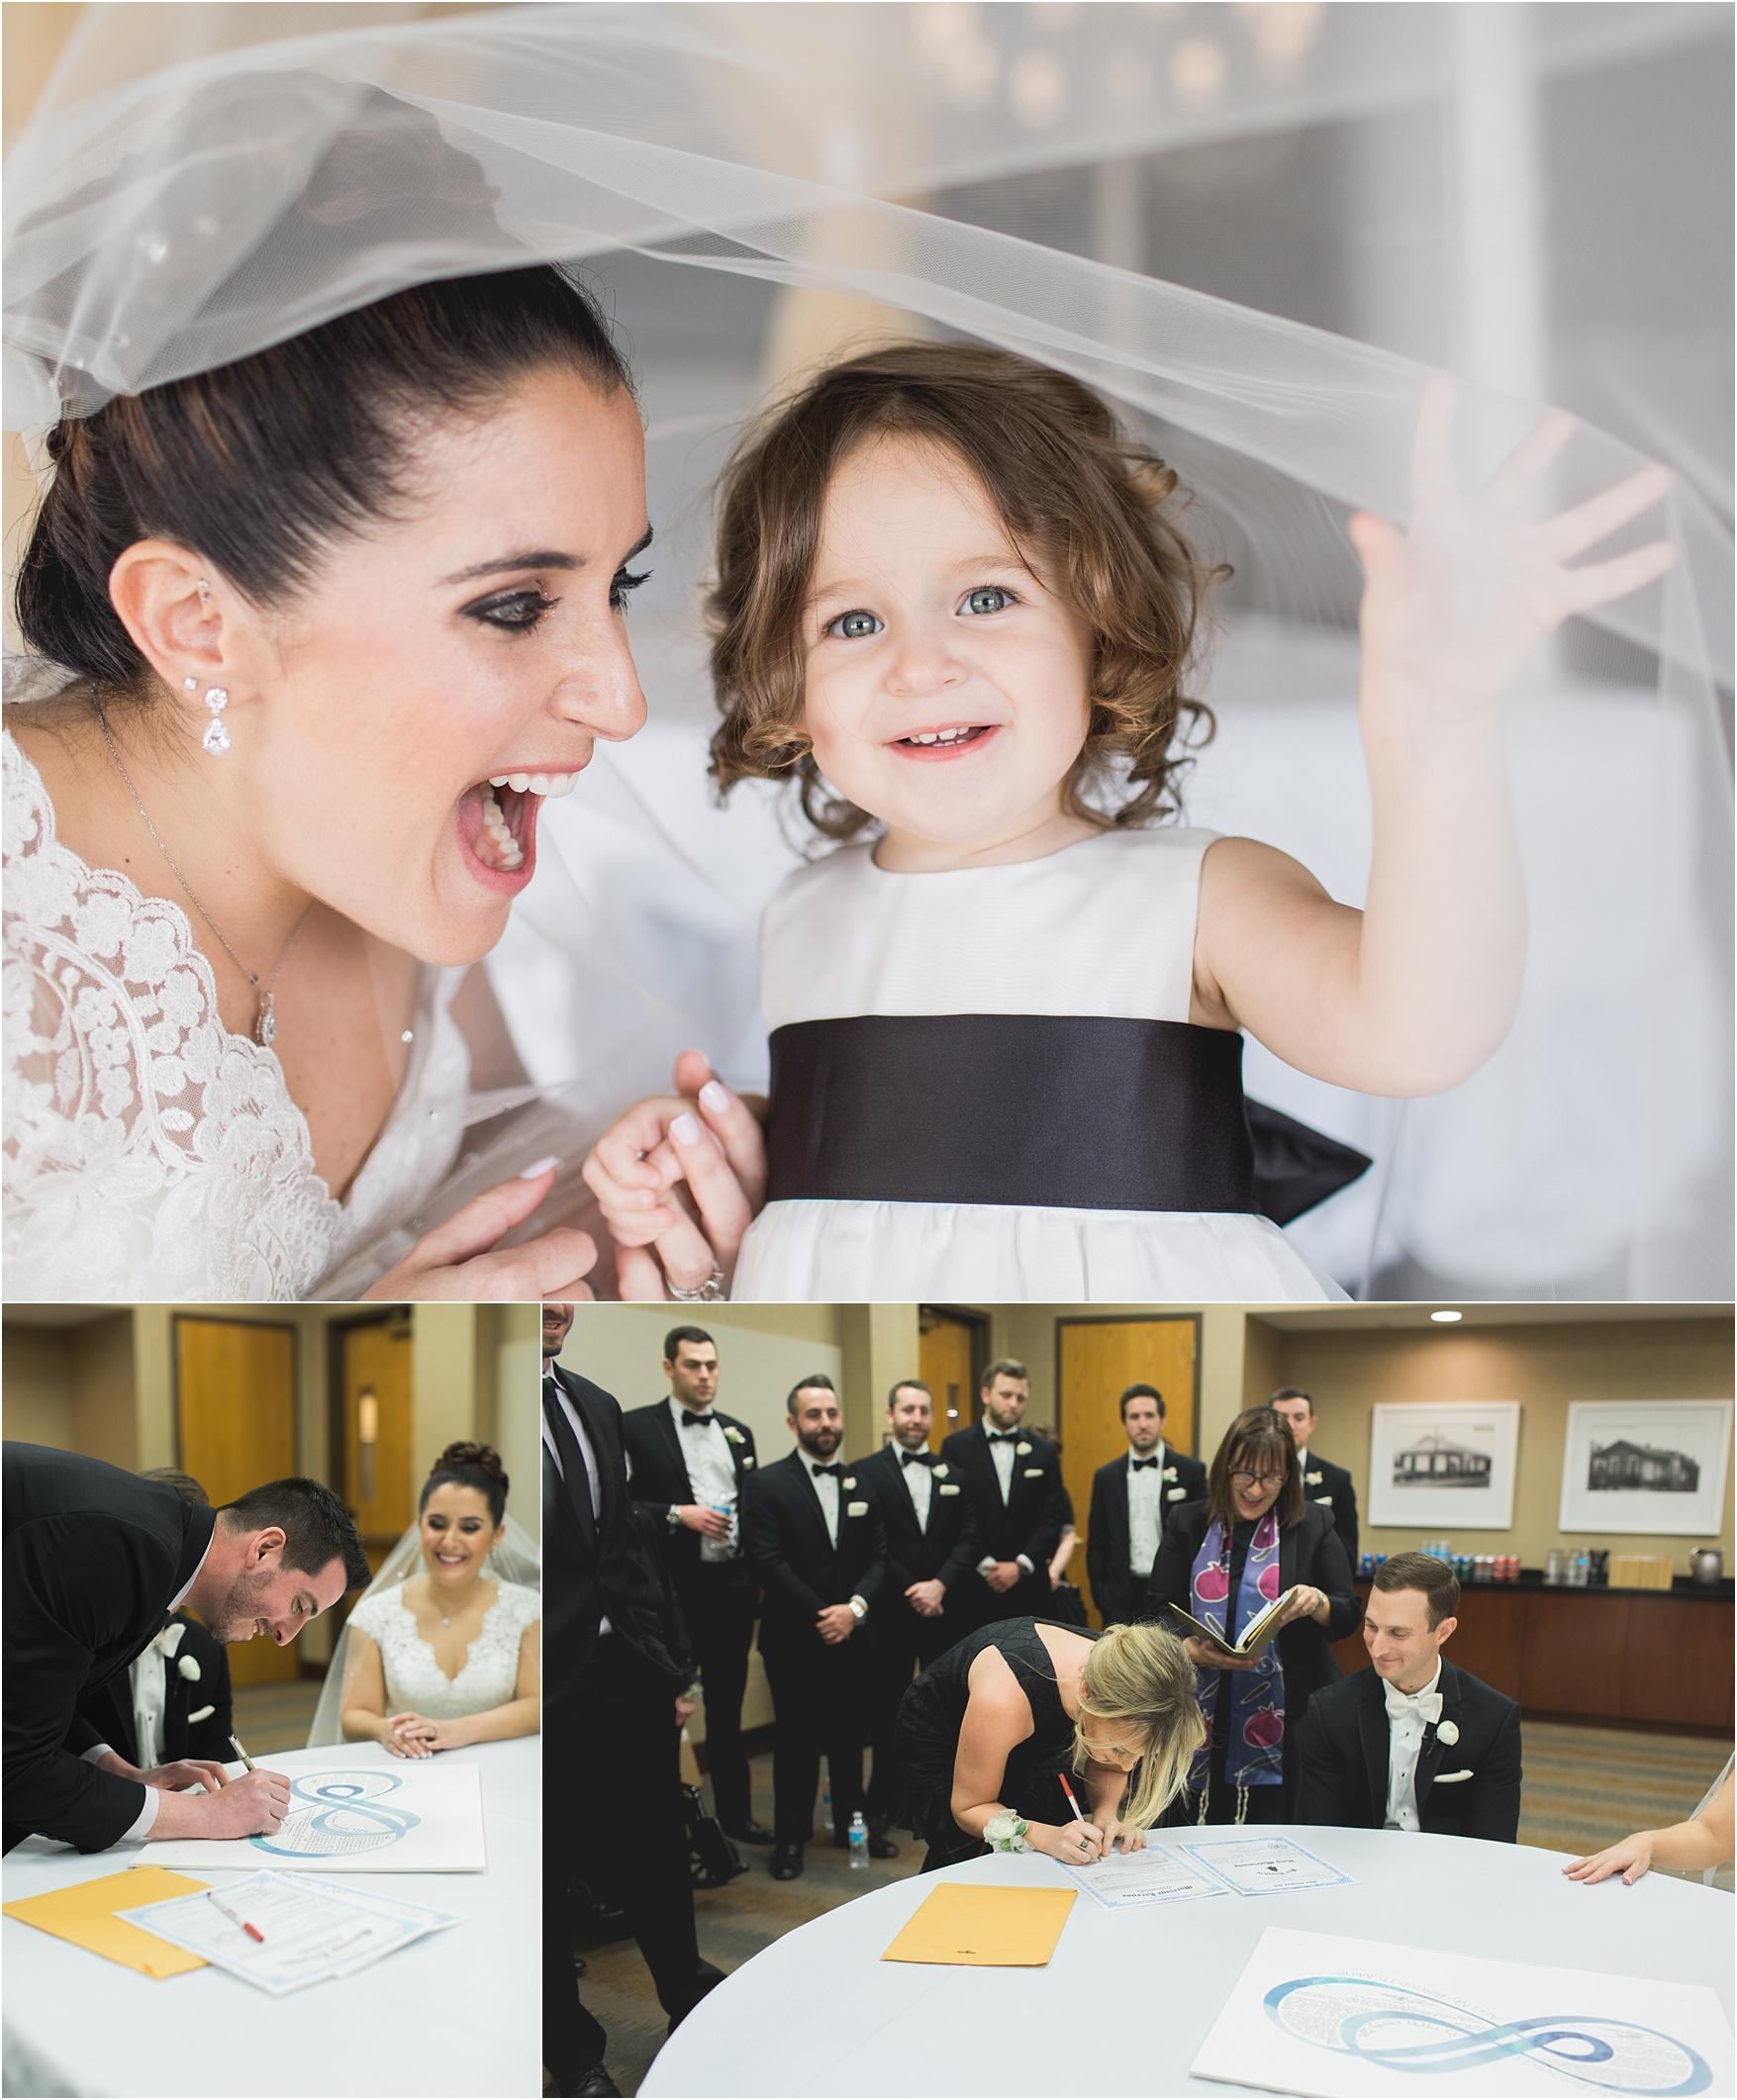 wedding photography st louis_lauren muckler photography_film photographer_film wedding_0060.jpg